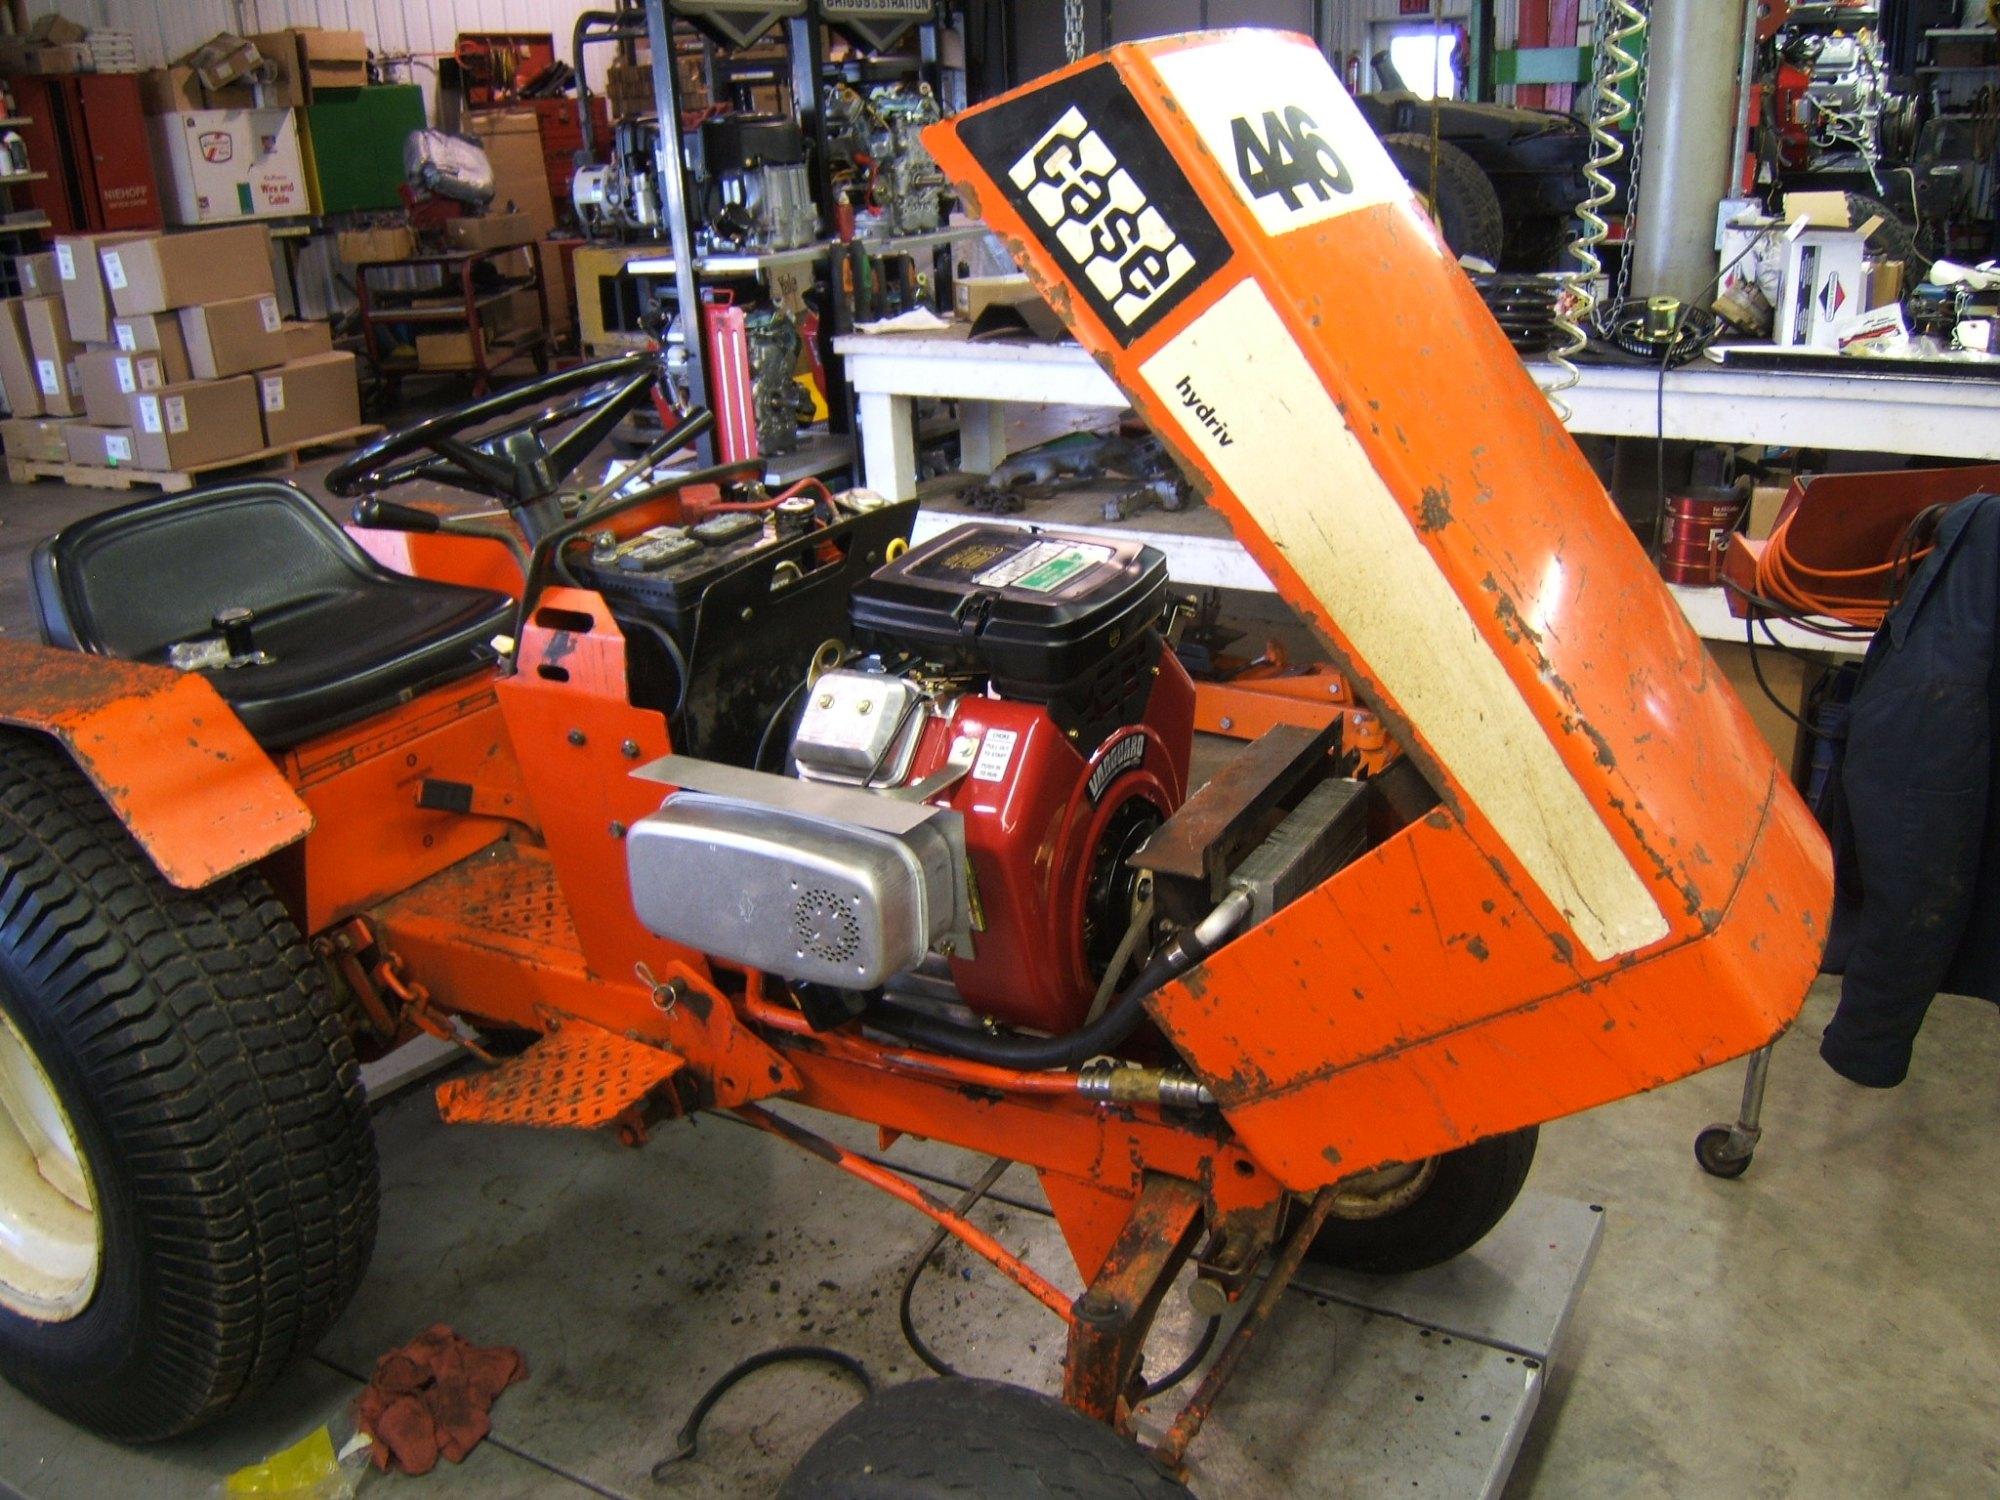 hight resolution of case 446 garden tractor wiring diagram case 446 garden 446 case tractor snow bower case 446 garden tractor wiring diagram